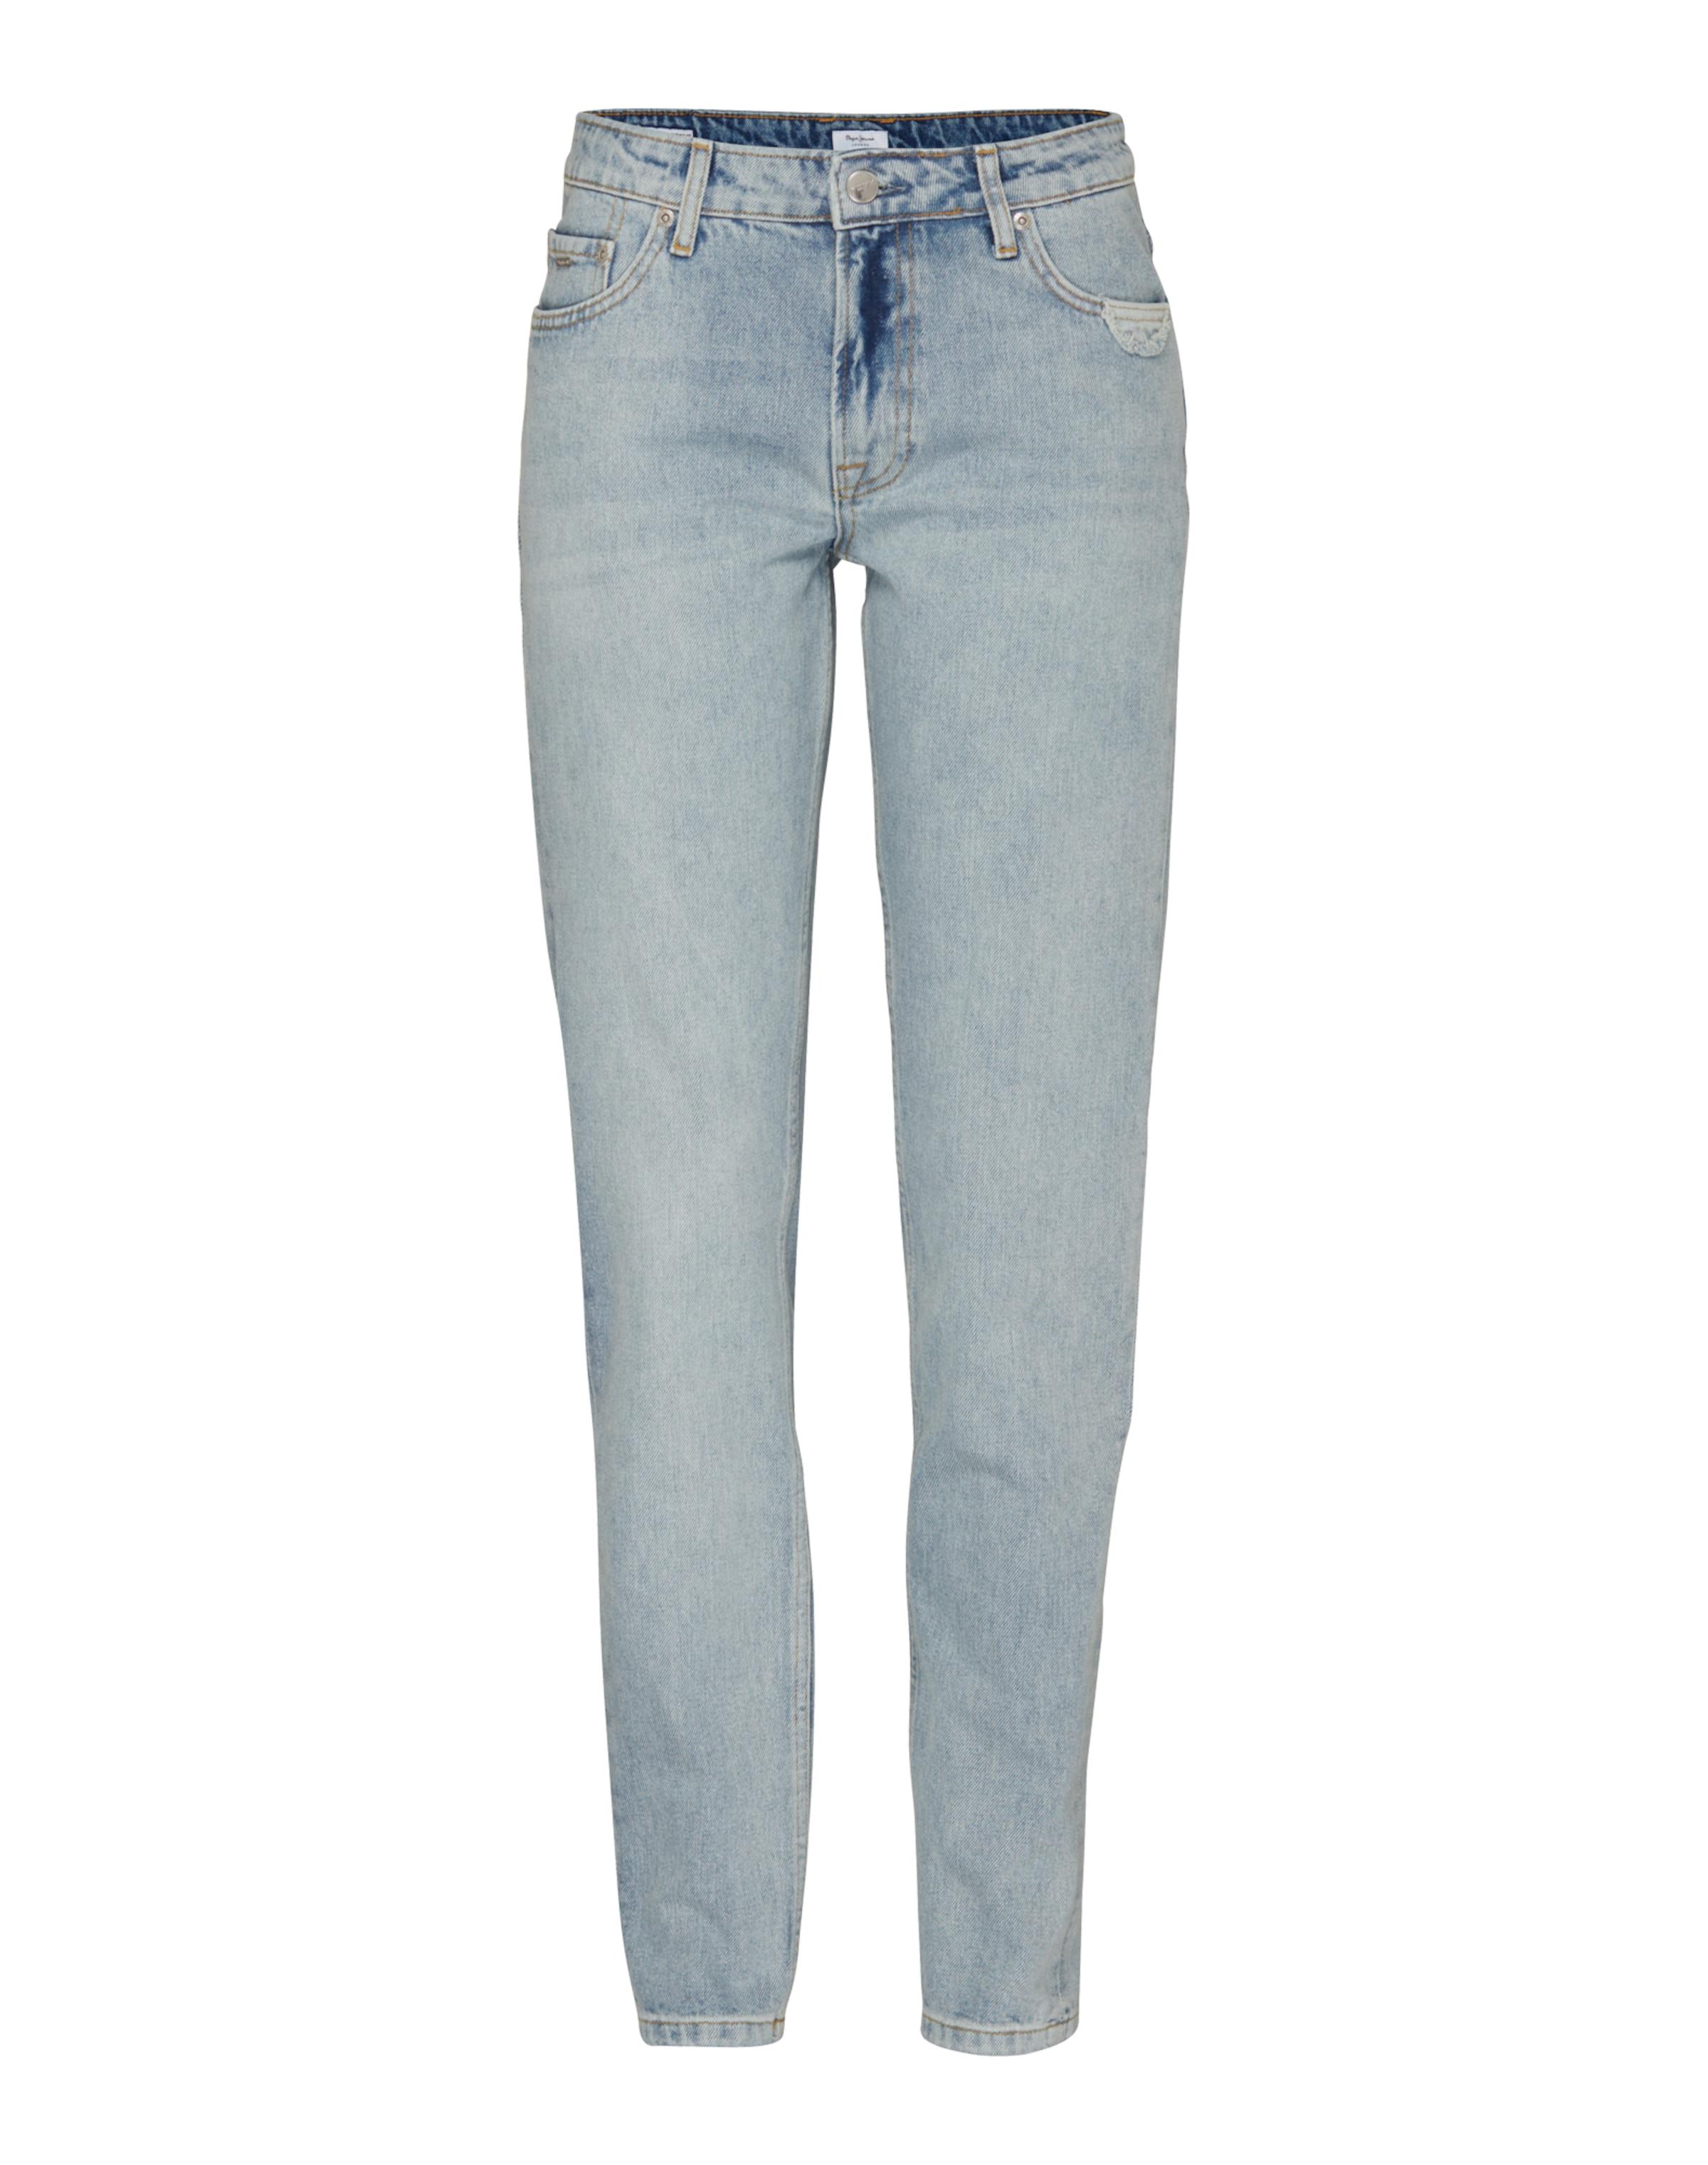 Pepe Jeans 'Heidi' Tapered Denim Günstige Online Günstig Kaufen Billig xoKxKMZ